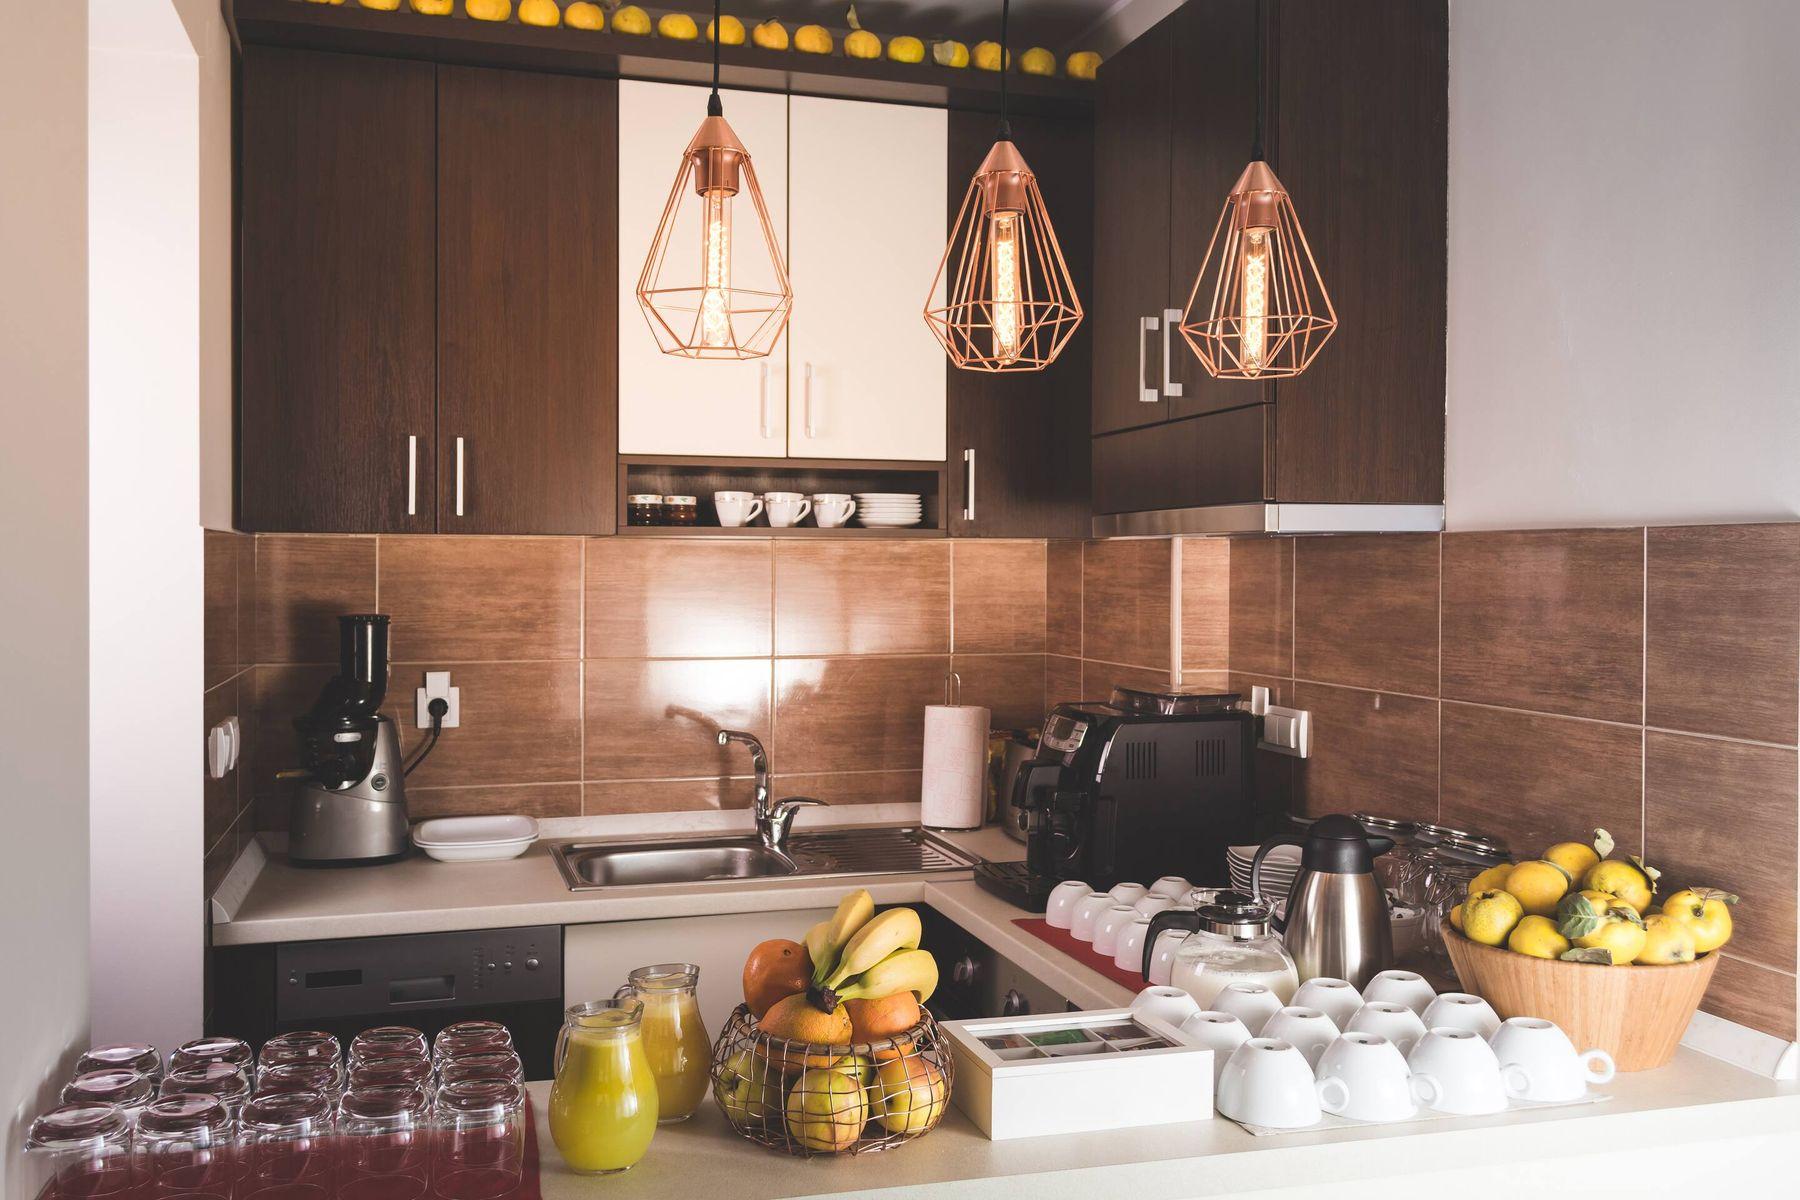 cách trang trí nhà bếp bằng đèn led